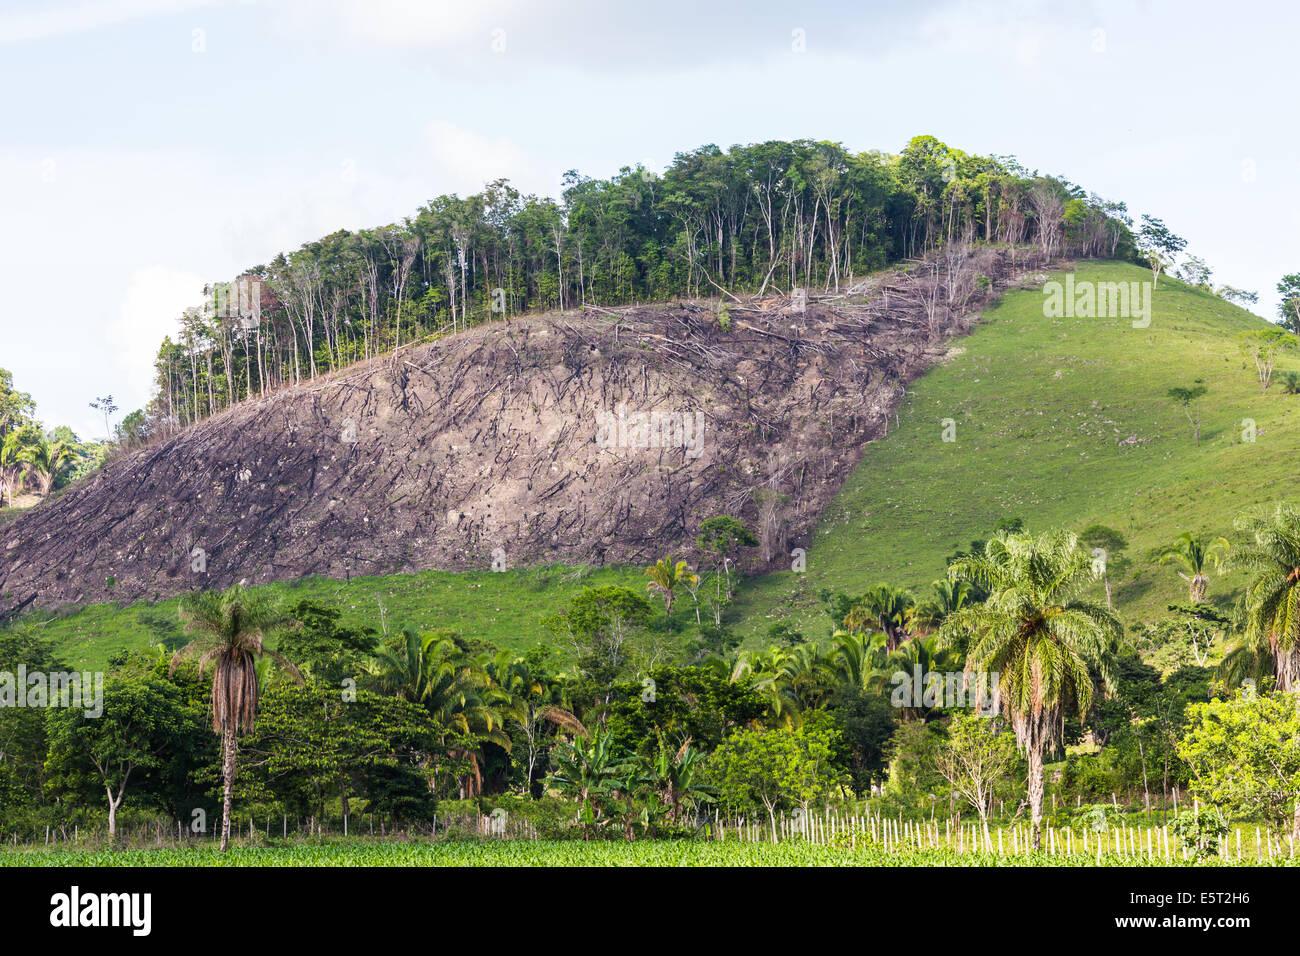 La deforestazione in Guatemala. Immagini Stock